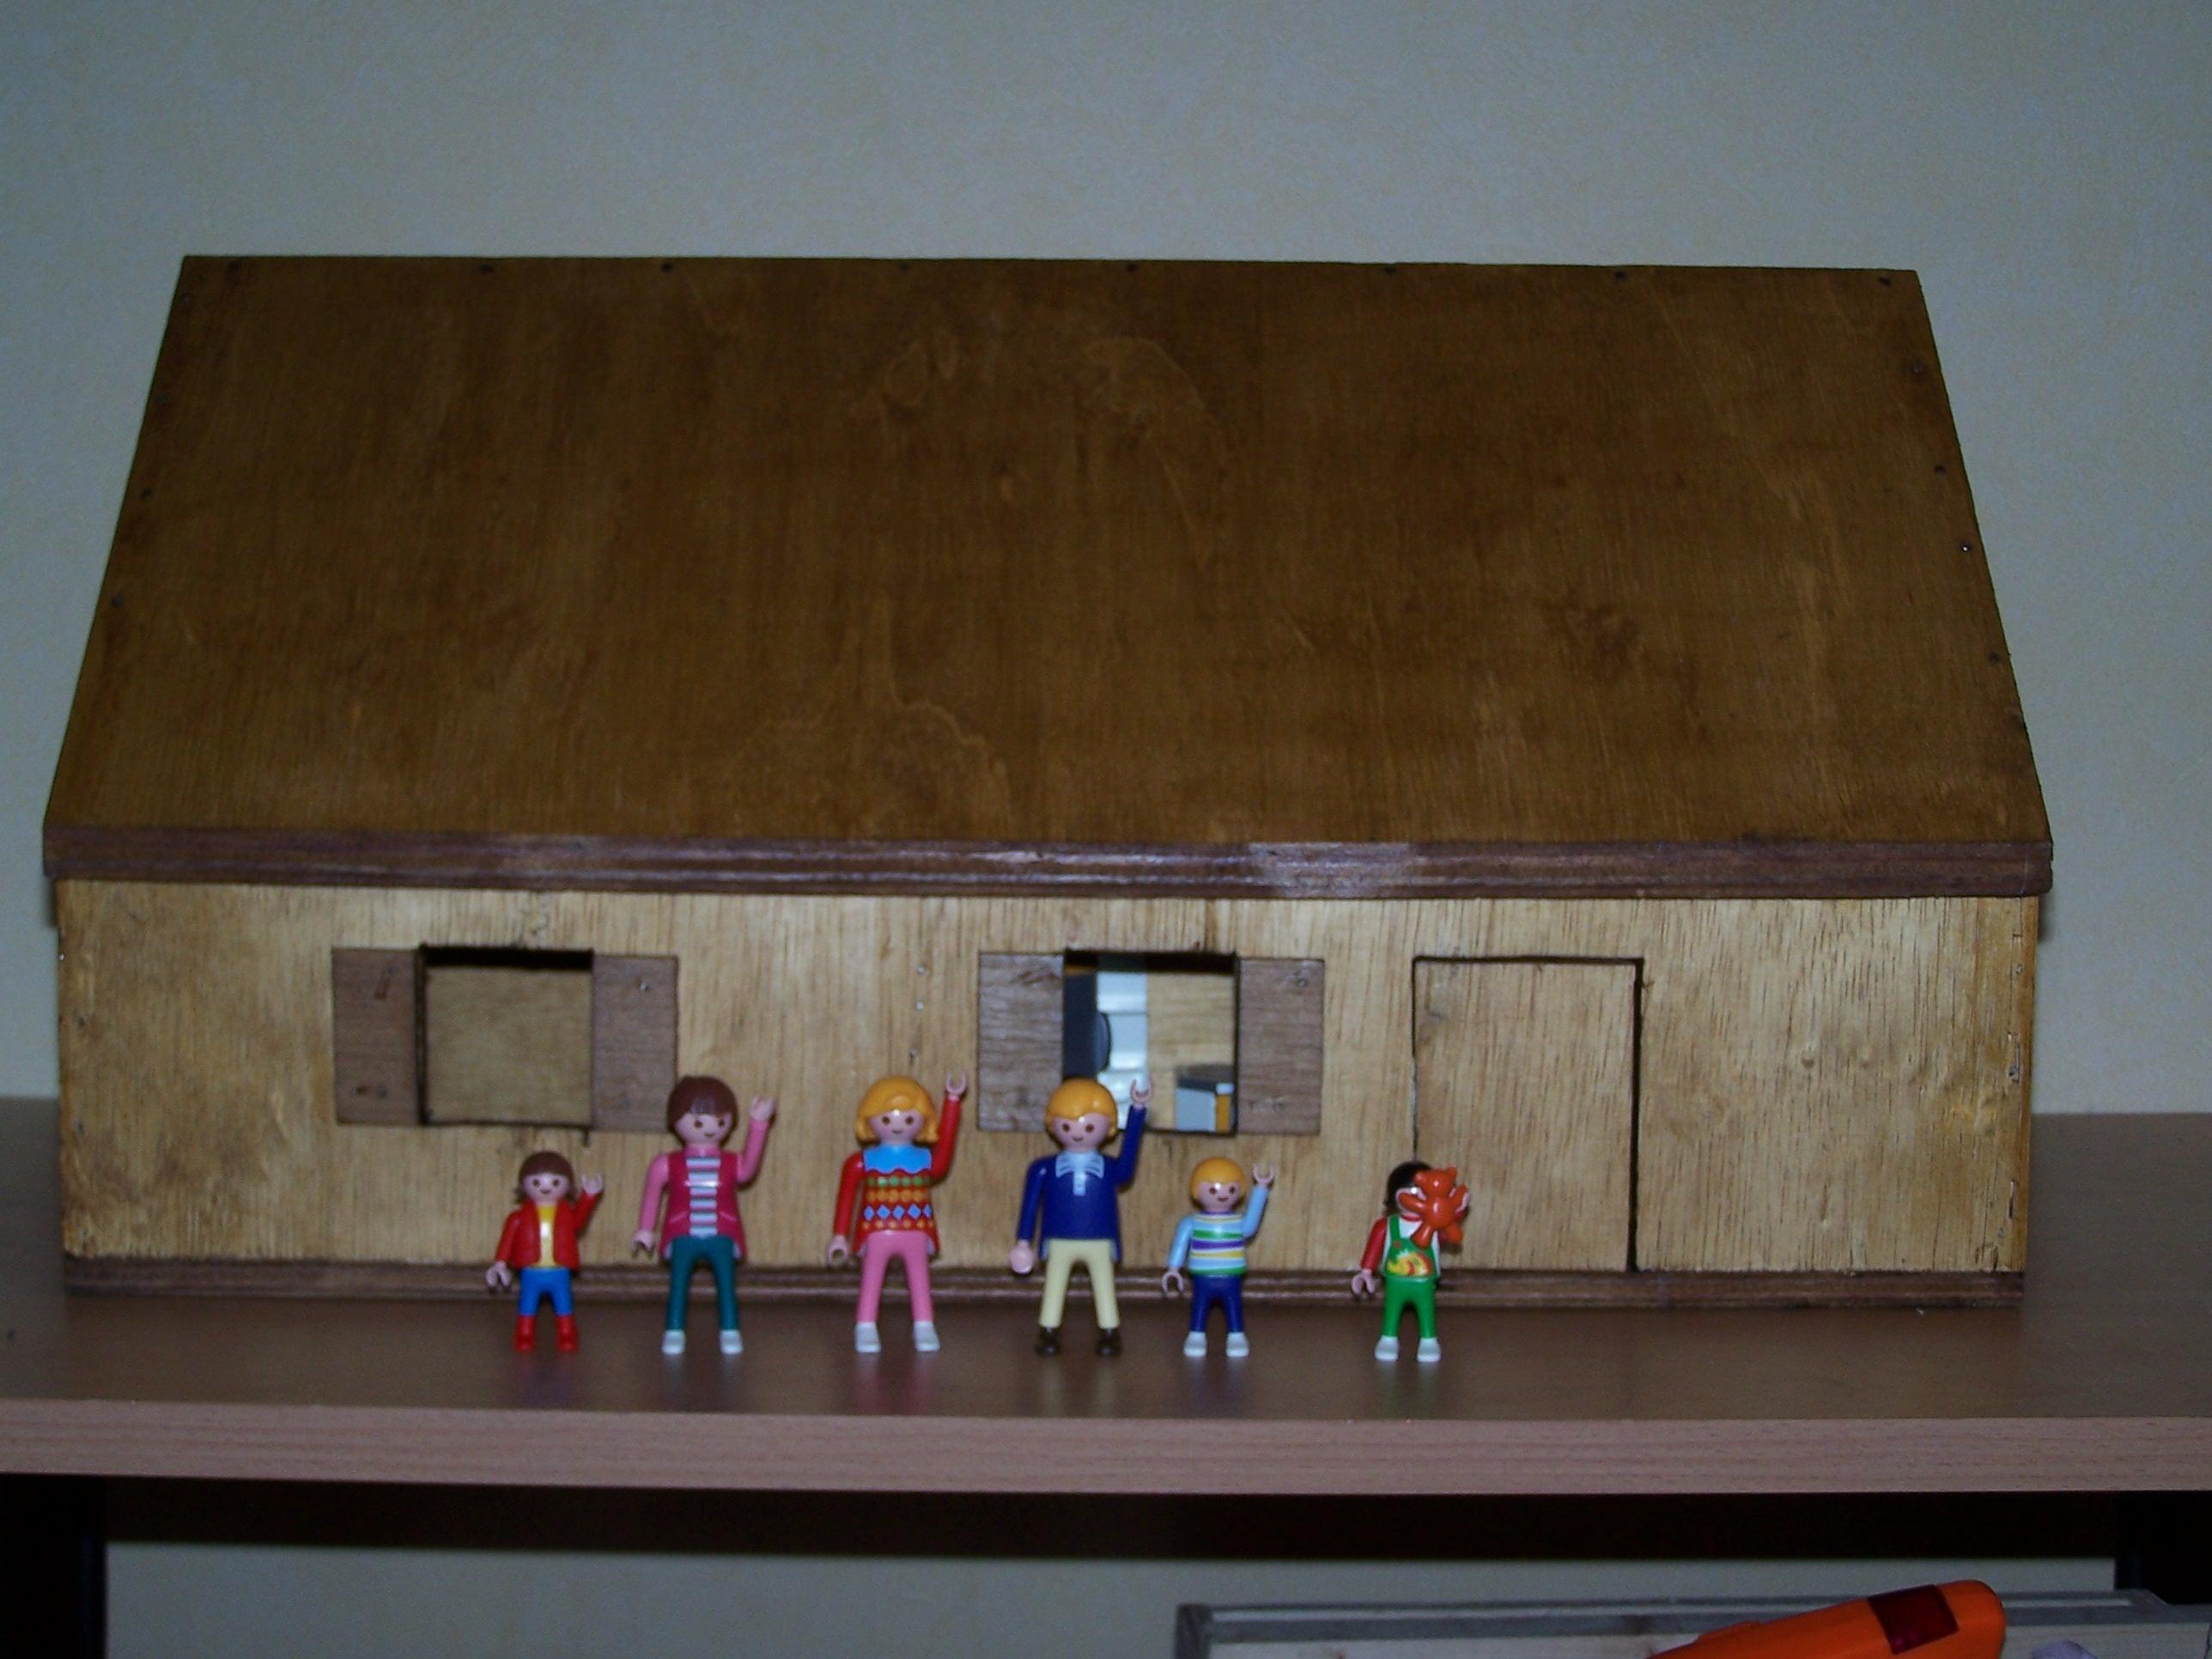 Voici la maison avec la famille